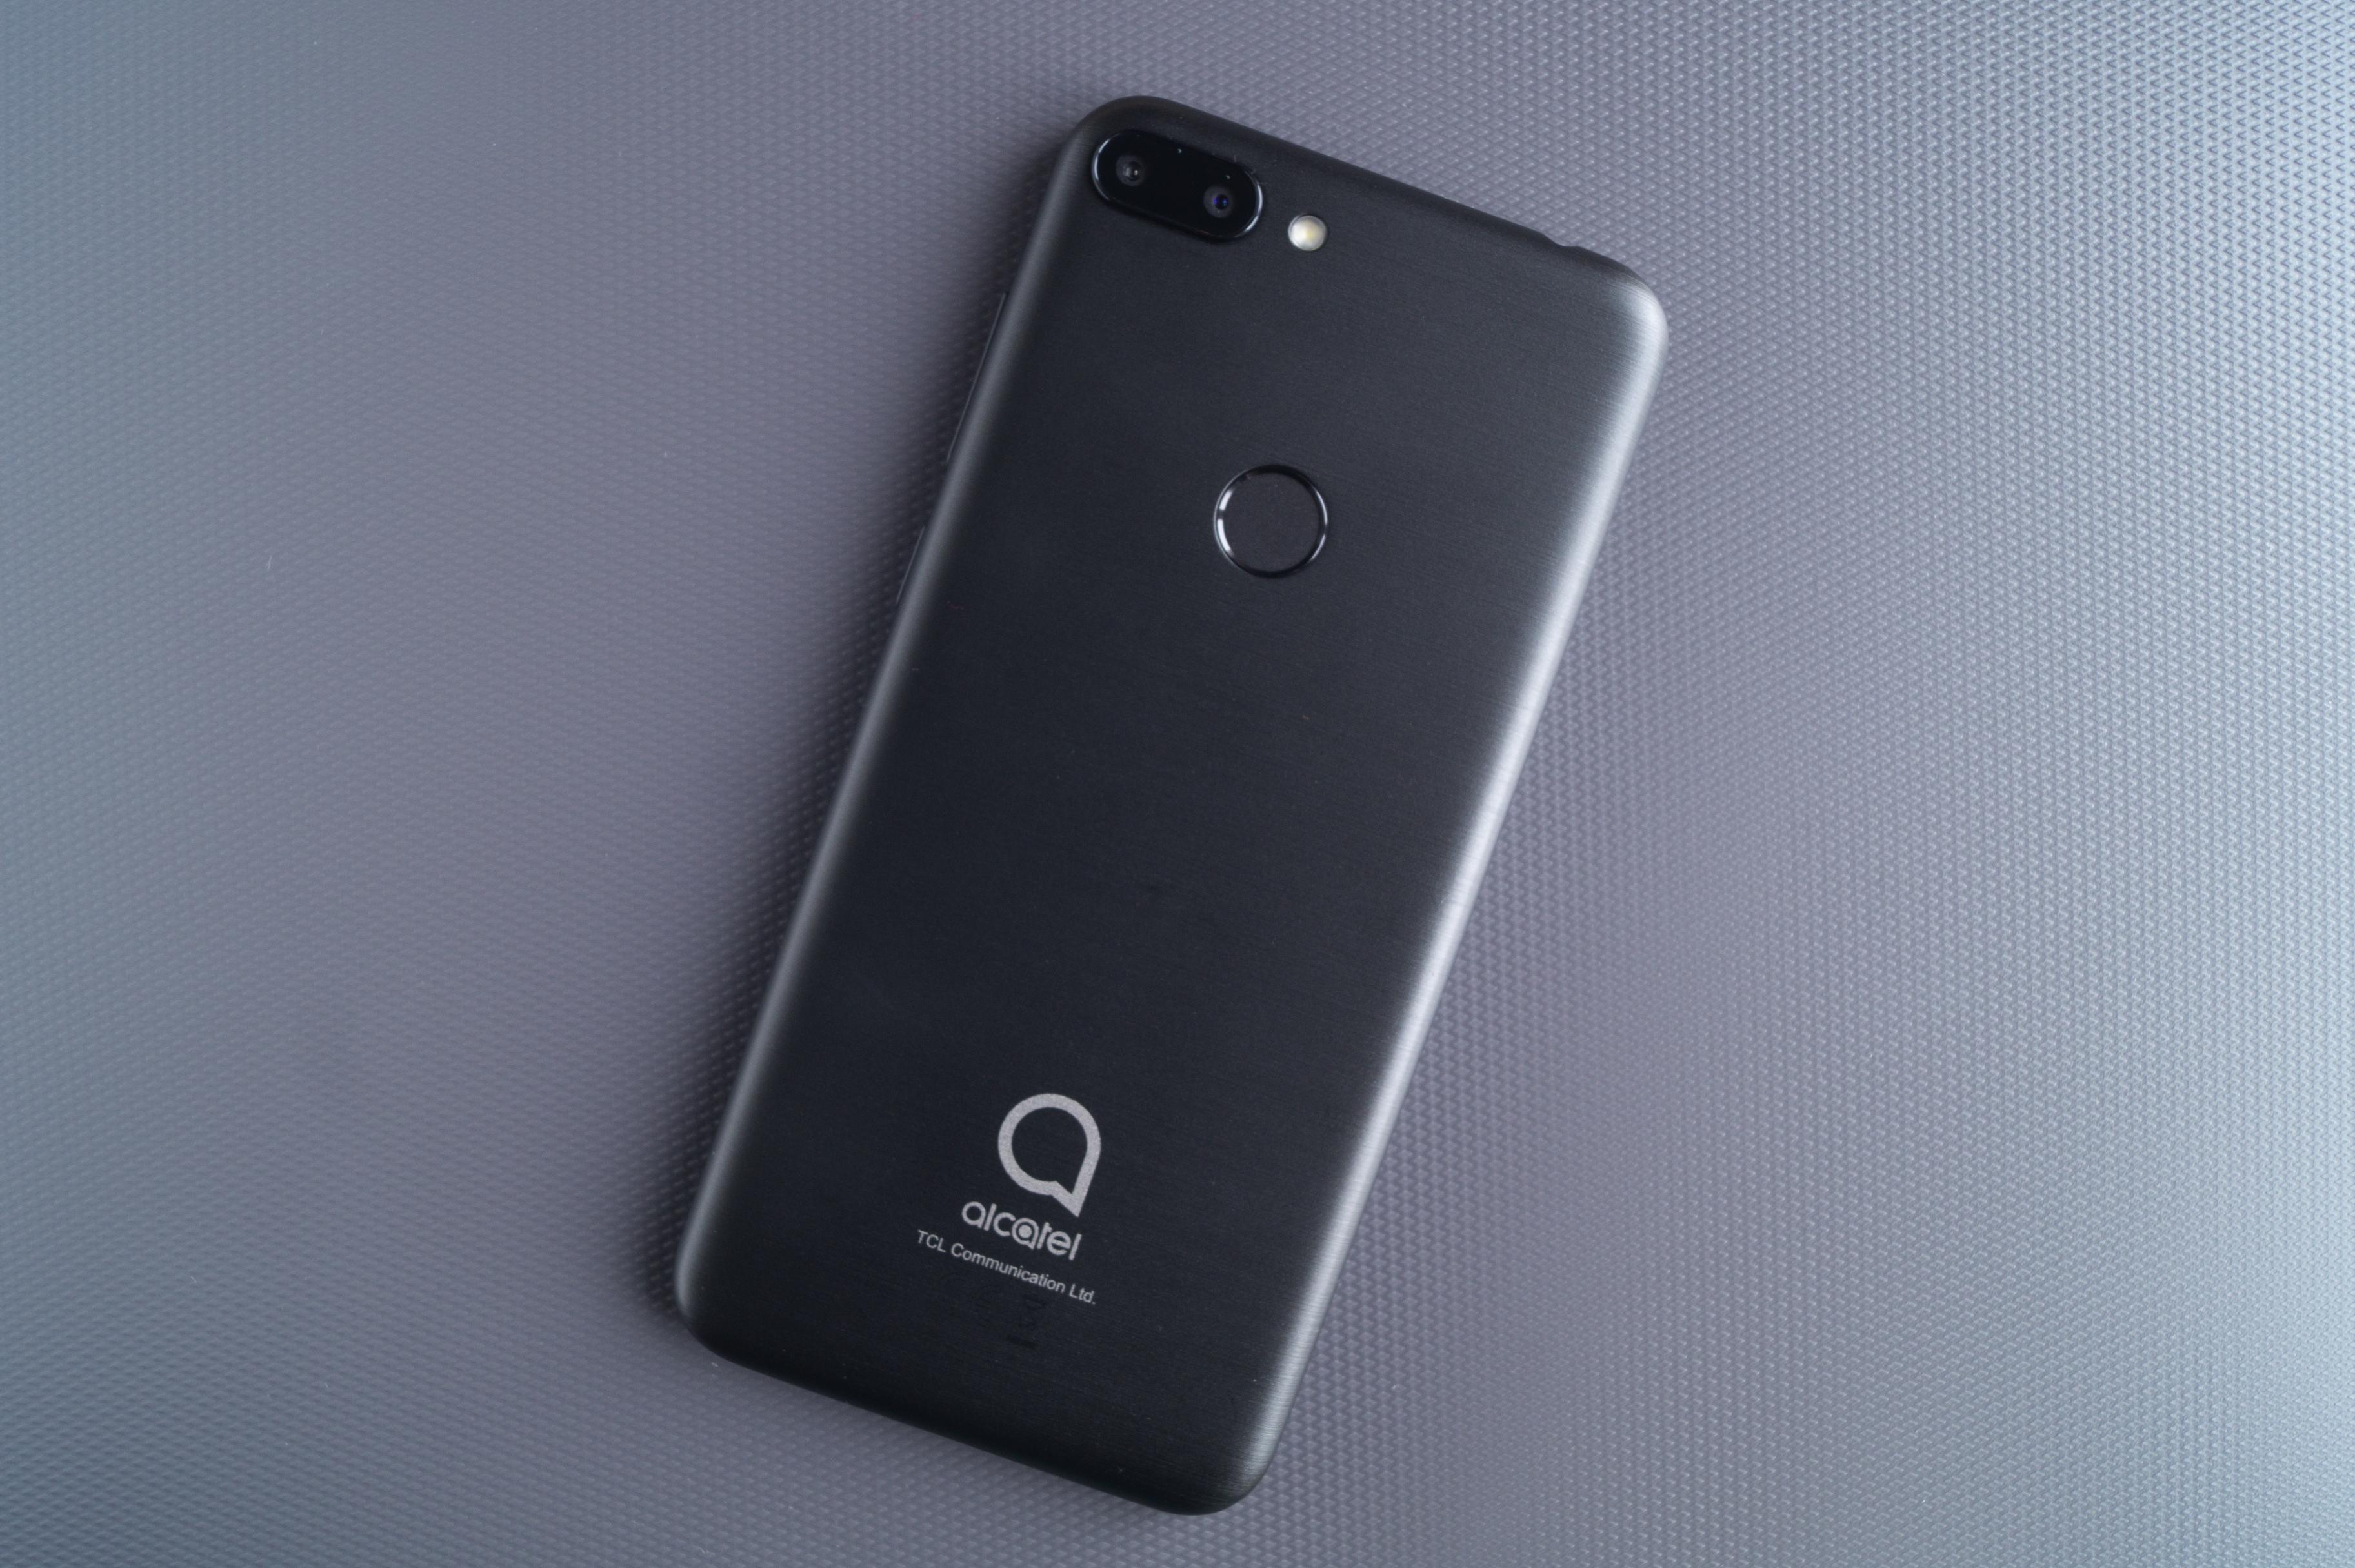 Бюджетный смартфон Alcatel с характеристиками уровня Xiaomi, но дешевле. А в чём прикол?